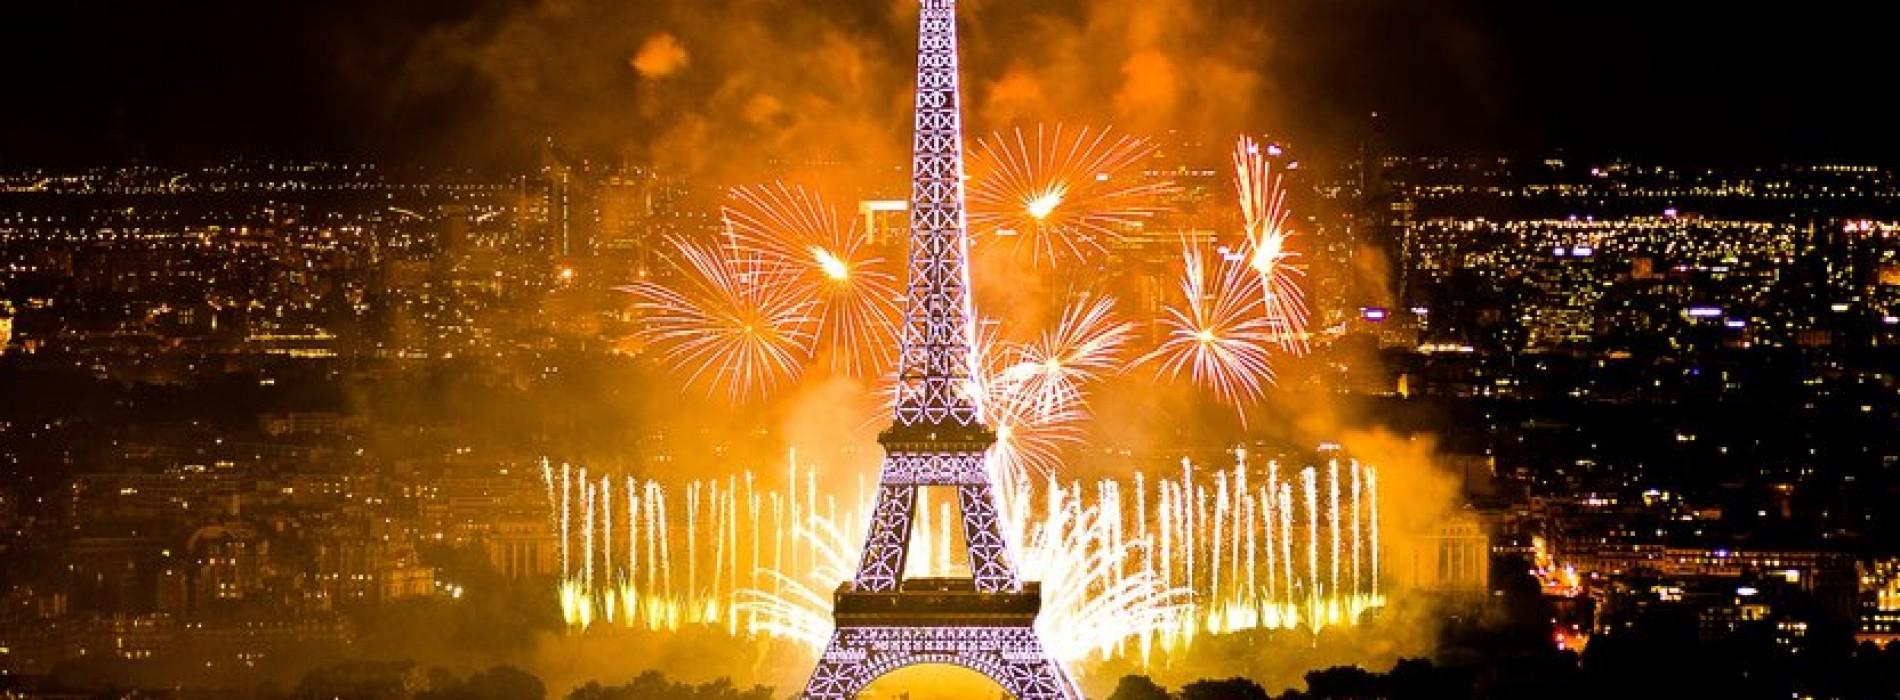 Pe 14 iulie, la Bastilia cu voi!